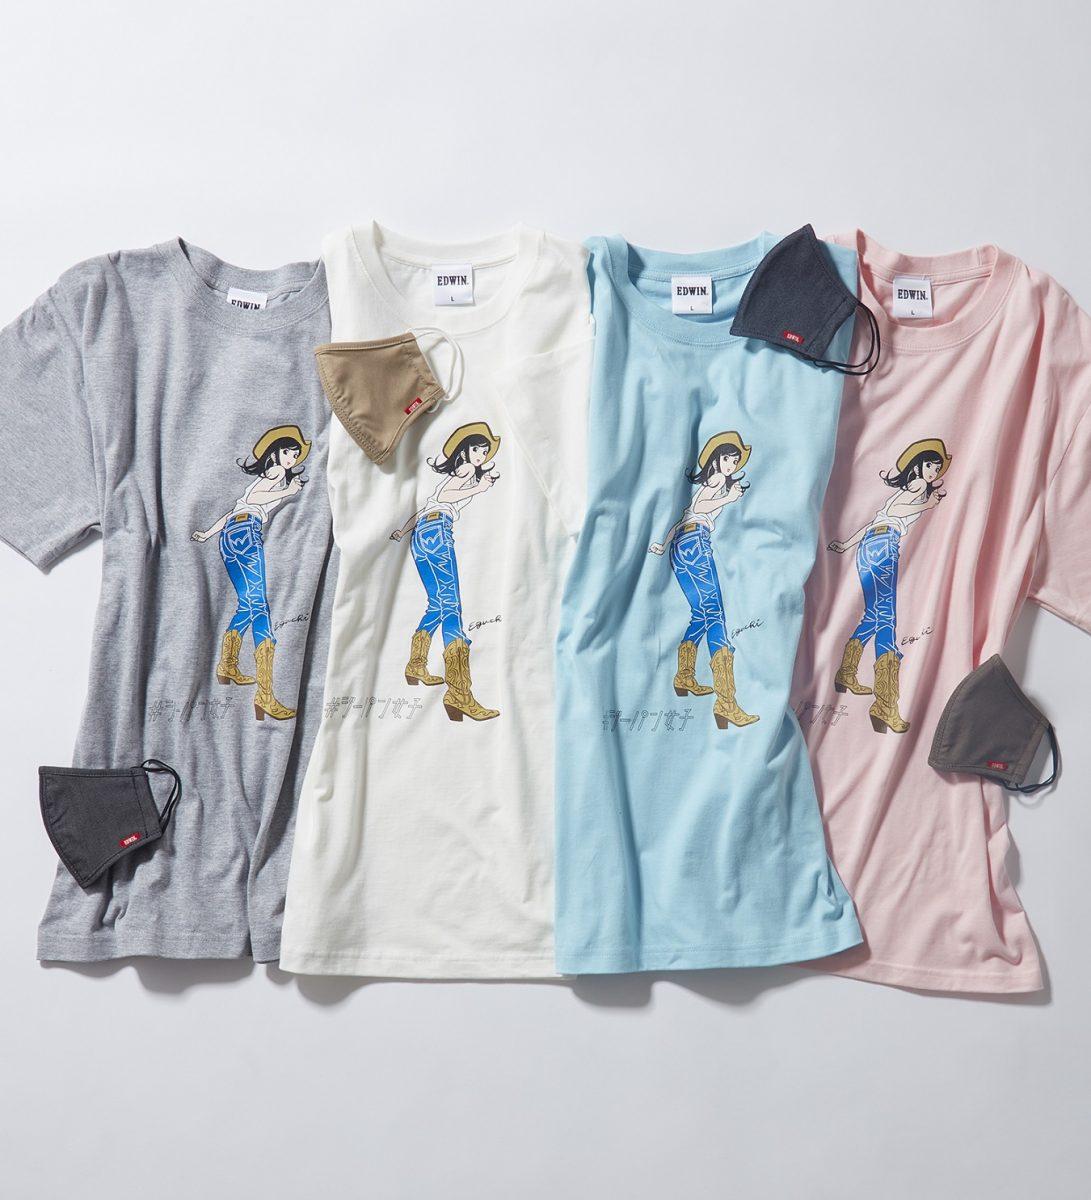 EDWIN 江口寿史さん描き下ろしのCOOLデニムマスク付きチャリティTシャツを発売